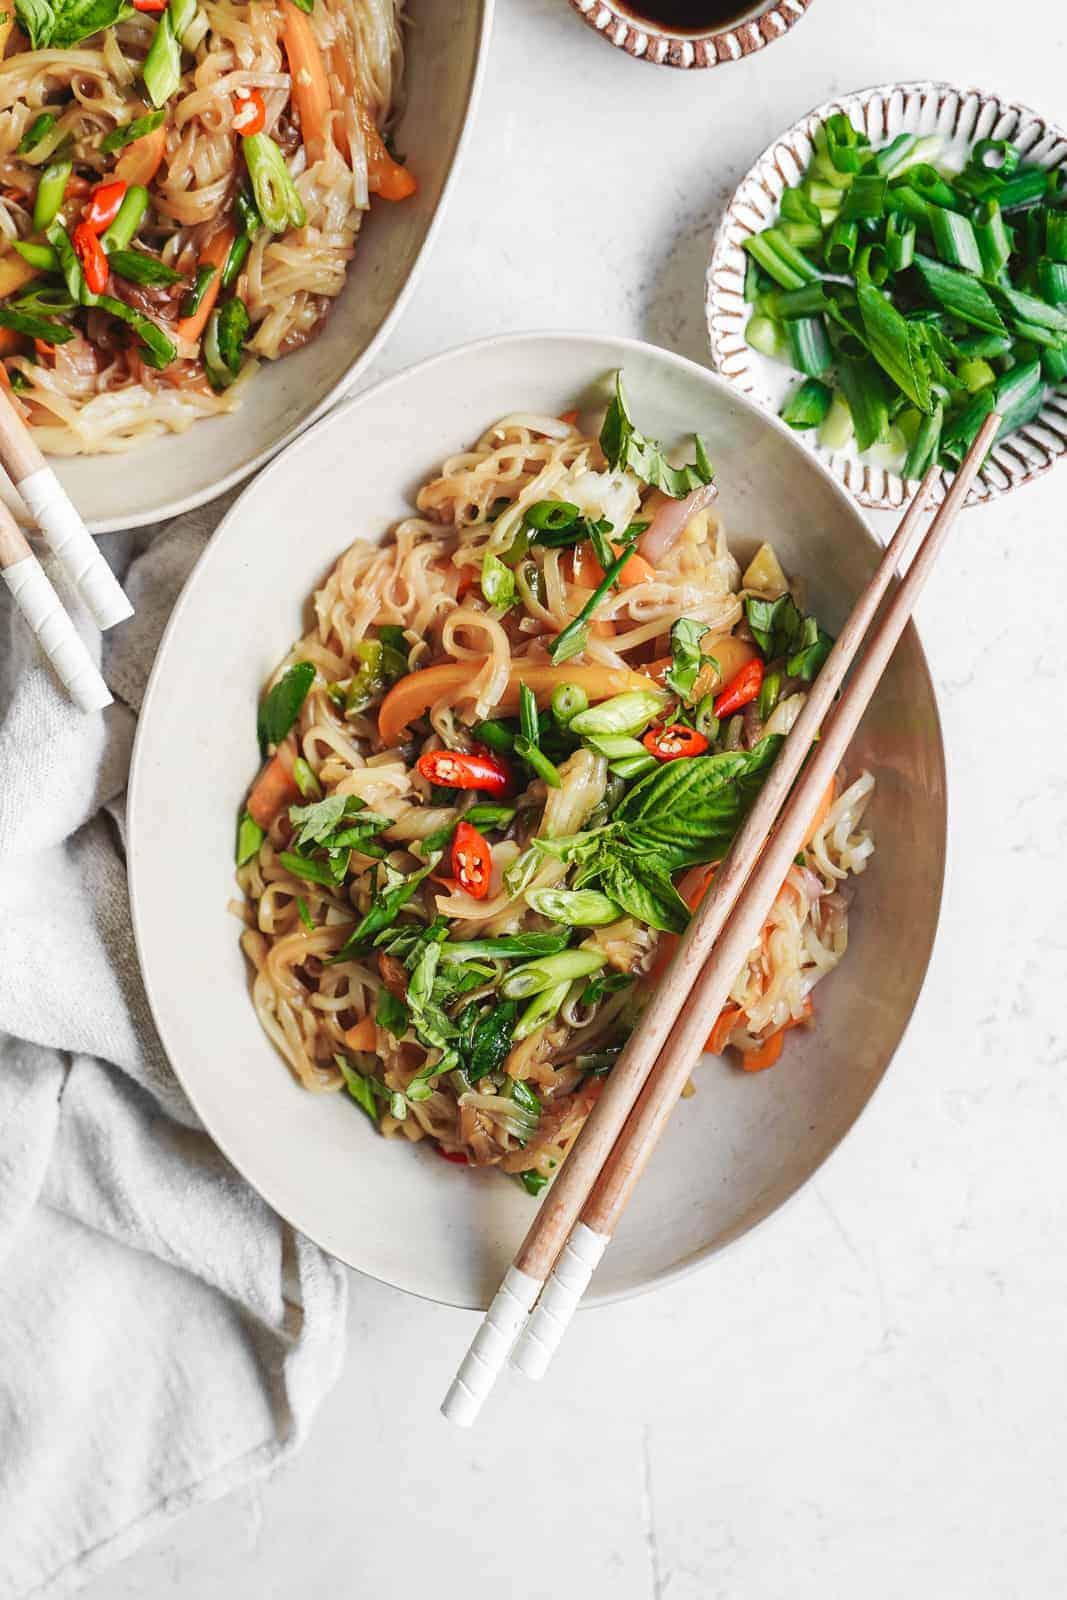 Vegan Drunken Noodles Recipe with fresh herbs on top.